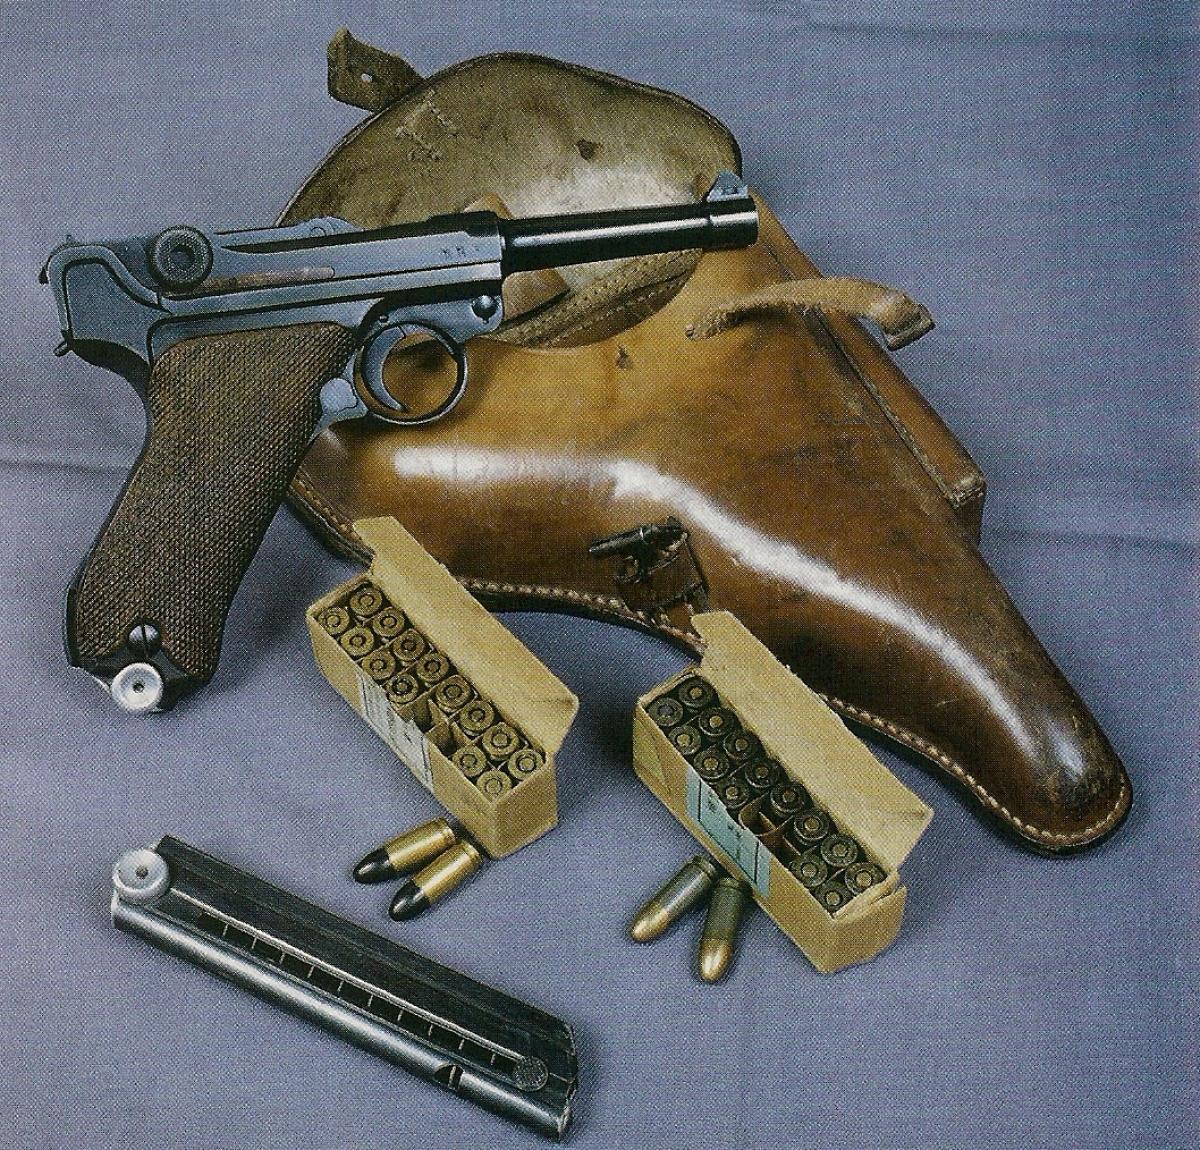 Modèle réglementaire allemand de la Seconde Guerre mondiale, ce P-08 fabriqué par Mauser en 1939 est accompagné par son holster en cuir et par deux boîtes de cartouches d'époque.